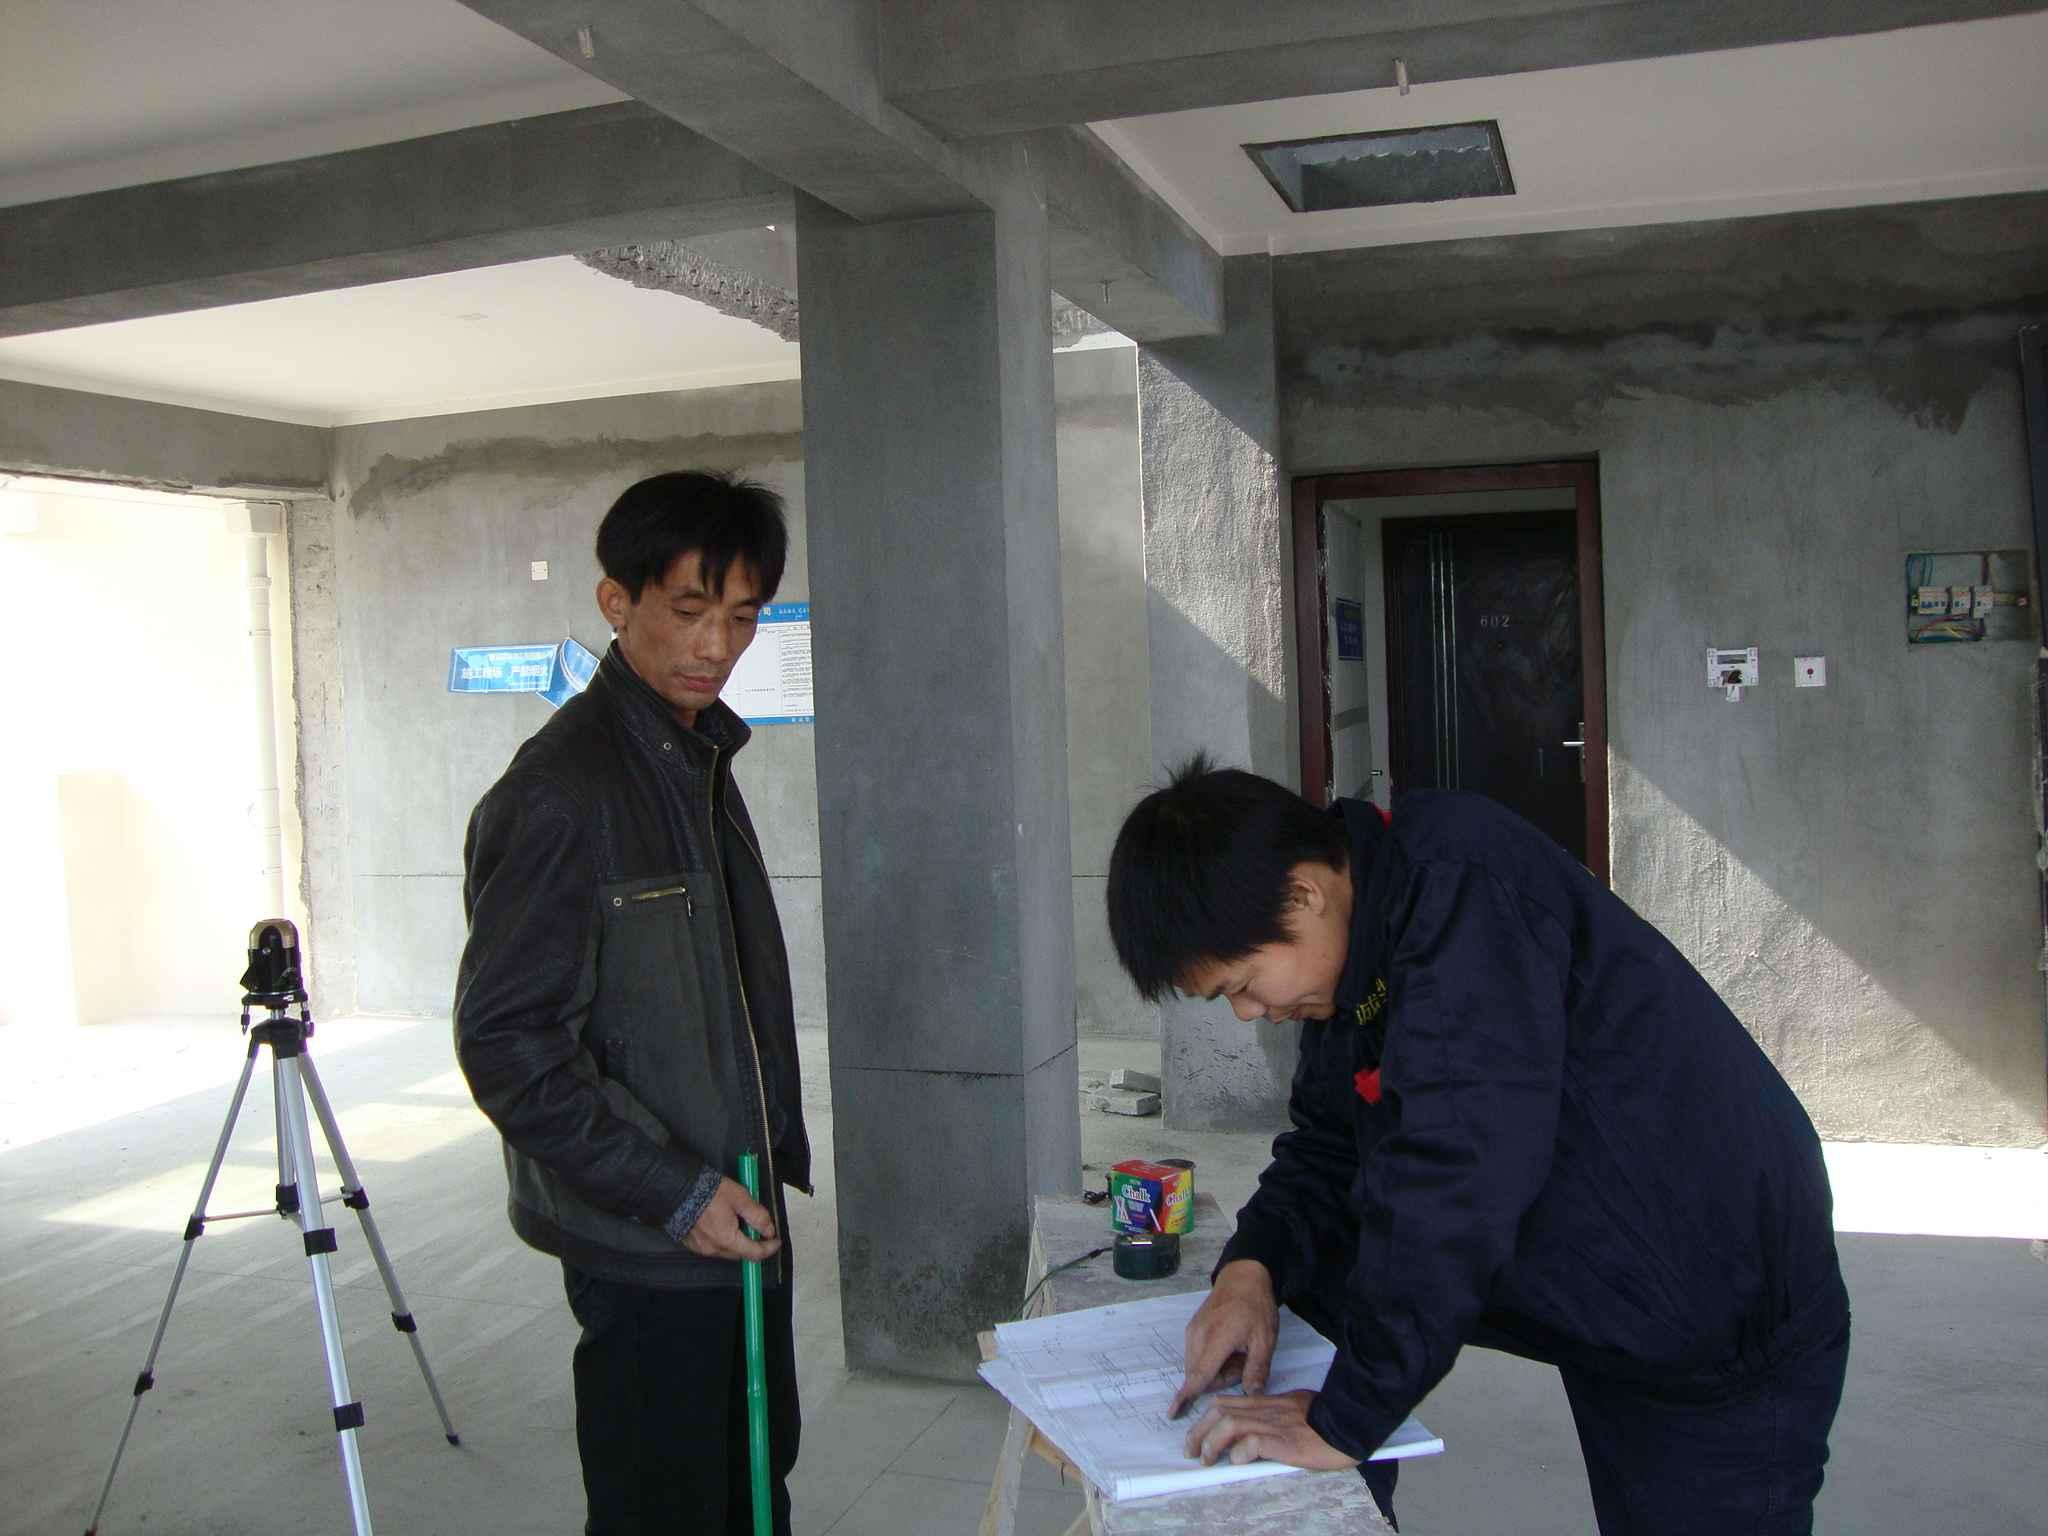 怎样   建筑施工图纸怎么看 建筑图纸 建筑水电图纸建筑图纸